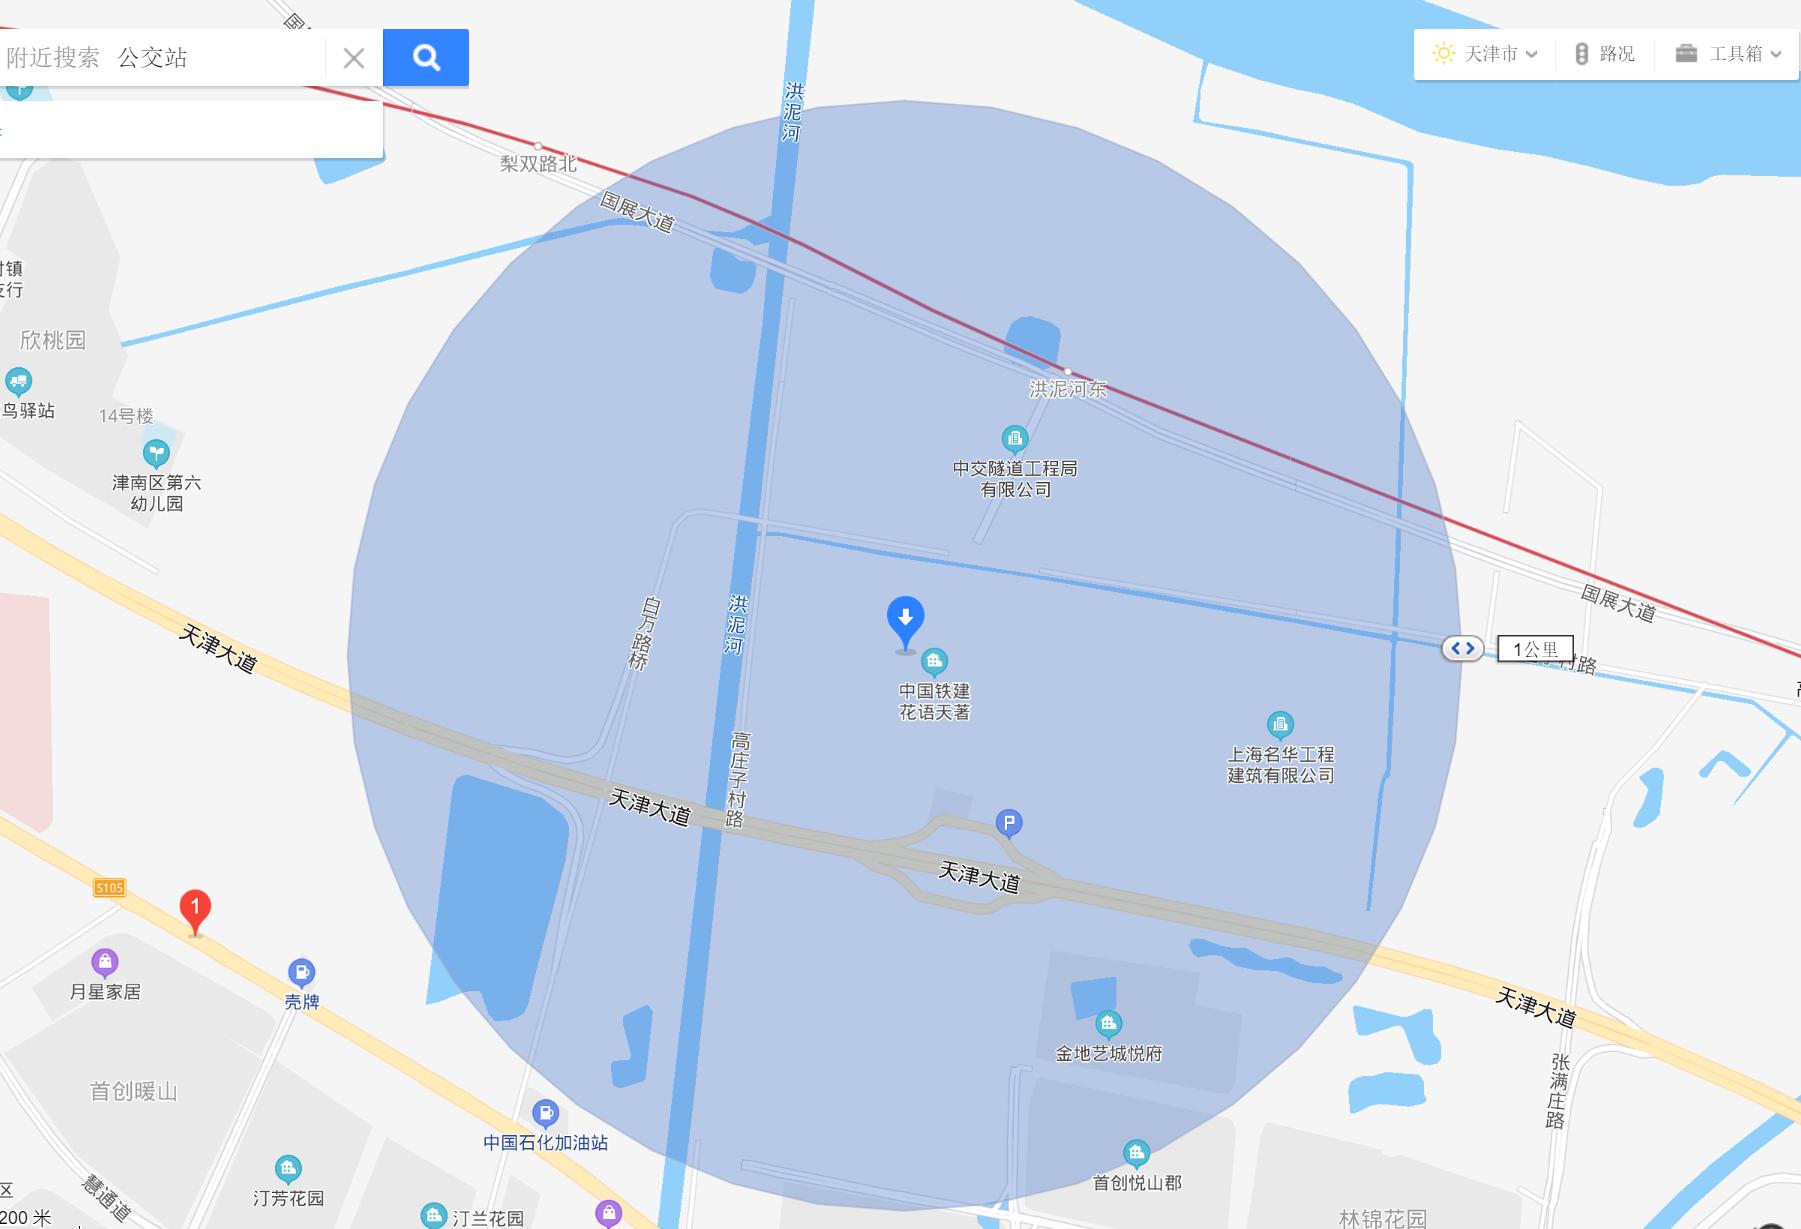 中建展望交通图